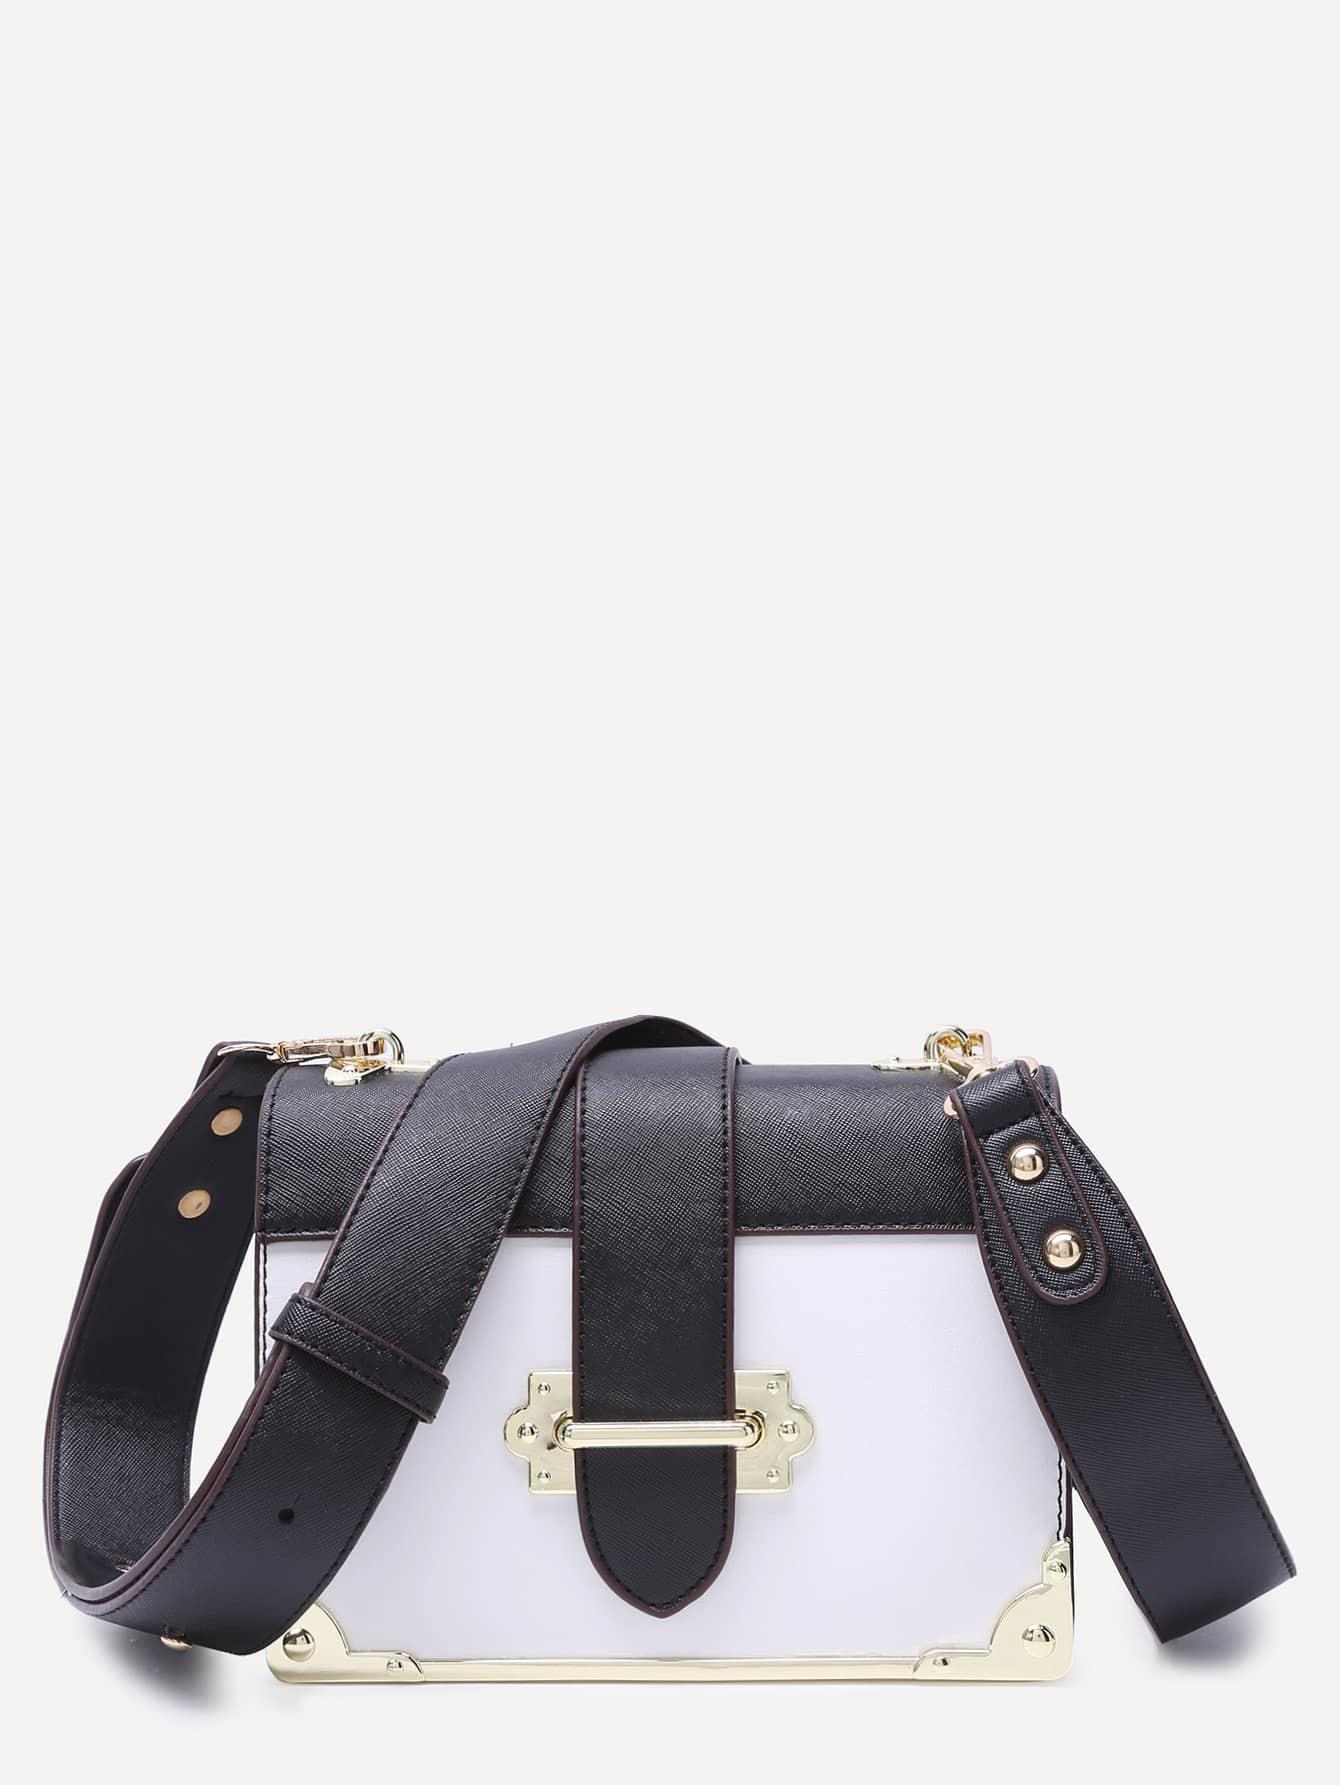 White Contrast Metallic Trim Boxy PU Shoulder BagWhite Contrast Metallic Trim Boxy PU Shoulder Bag<br><br>color: White<br>size: None